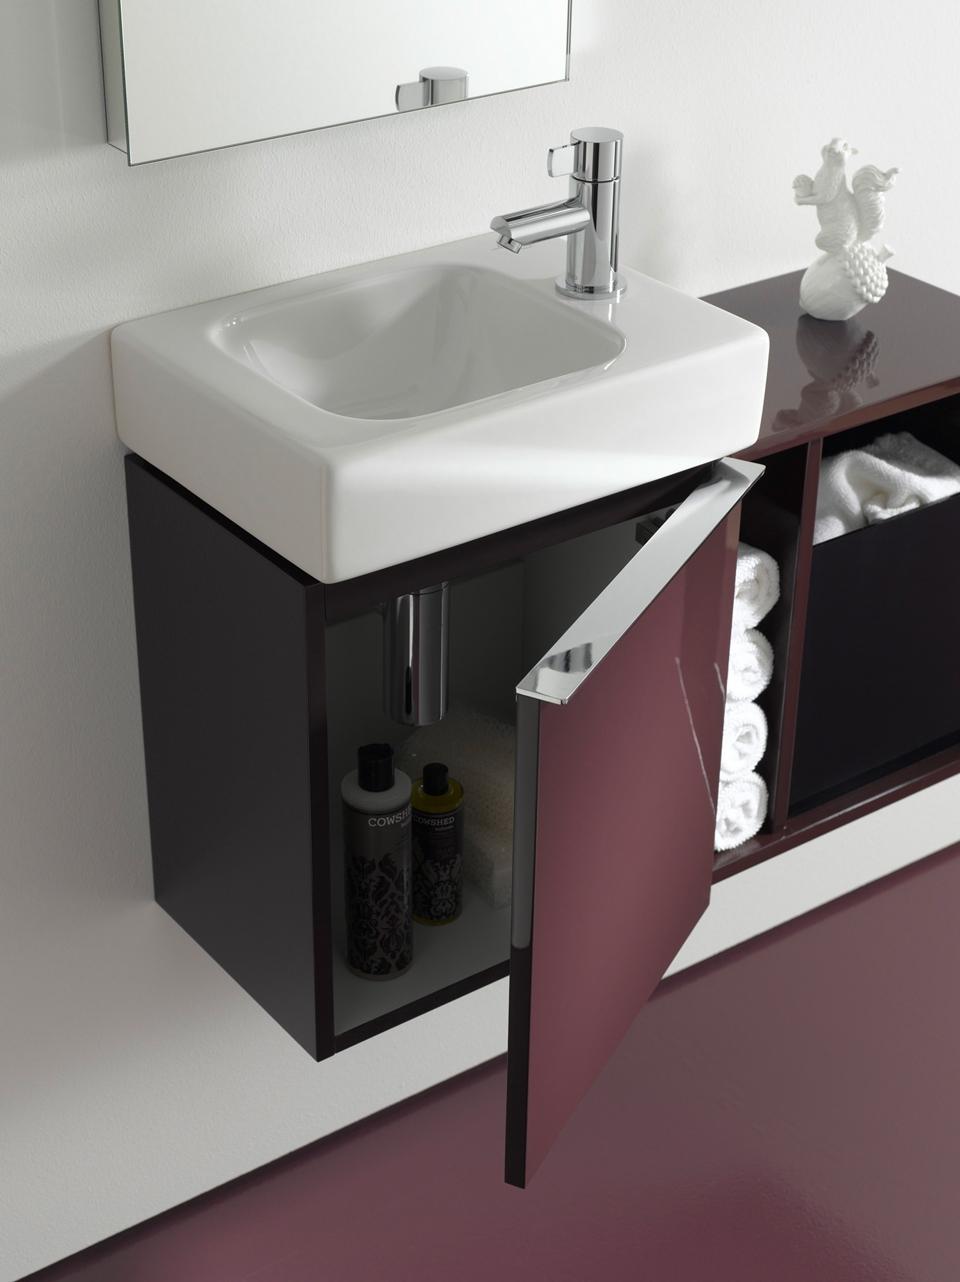 iCon XS von Keramag bietet große Ideen für kleinste Räume: Am Waschplatz etwa hält das anschließende Seitenelement frische Gästetücher parat – und verbirgt die benutzten in einer schwarzen Plexiglas-Box.